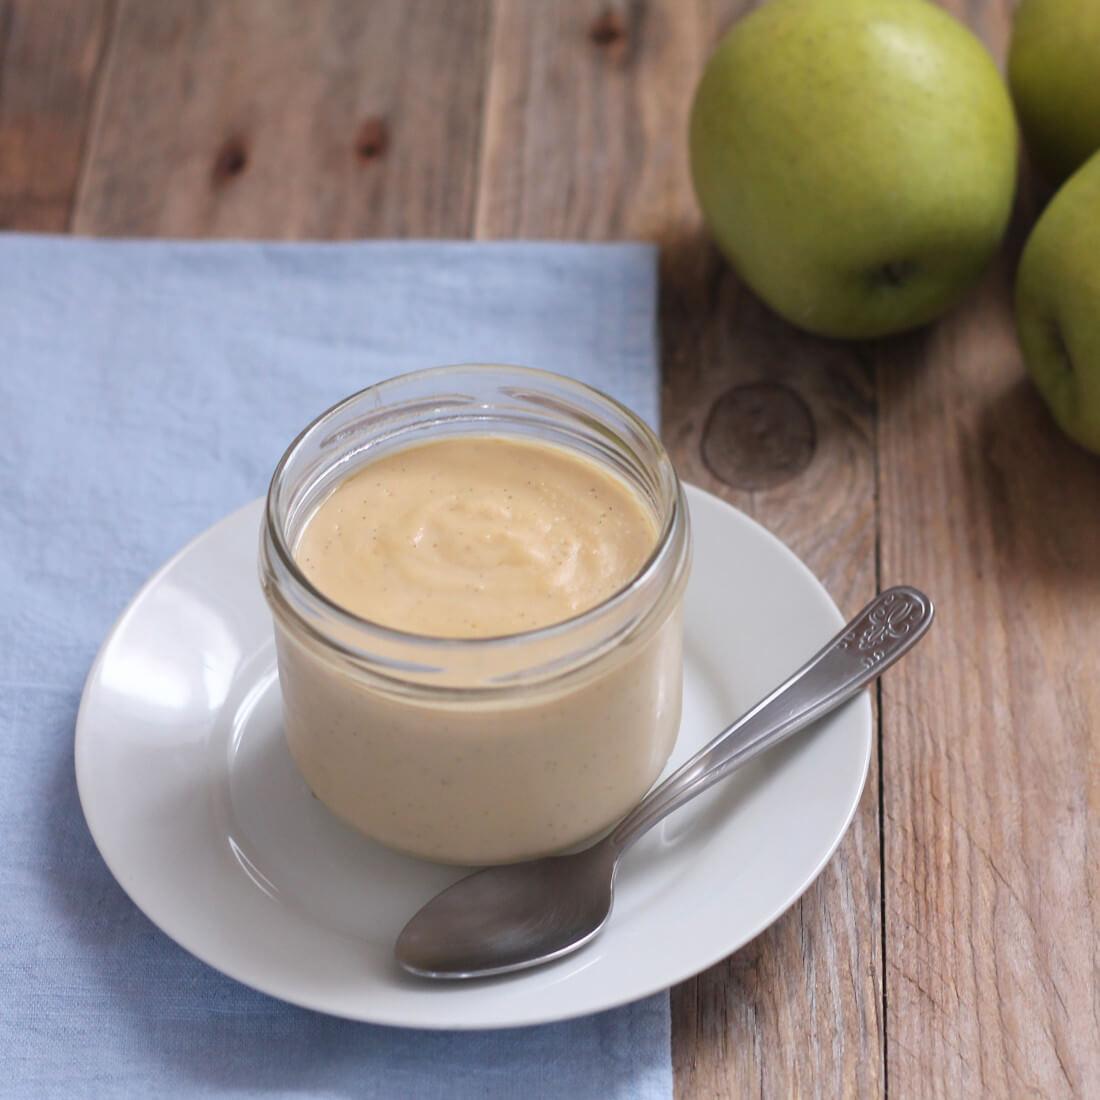 Jednoduchý recept na domácí vanilkový pudink bez chemie